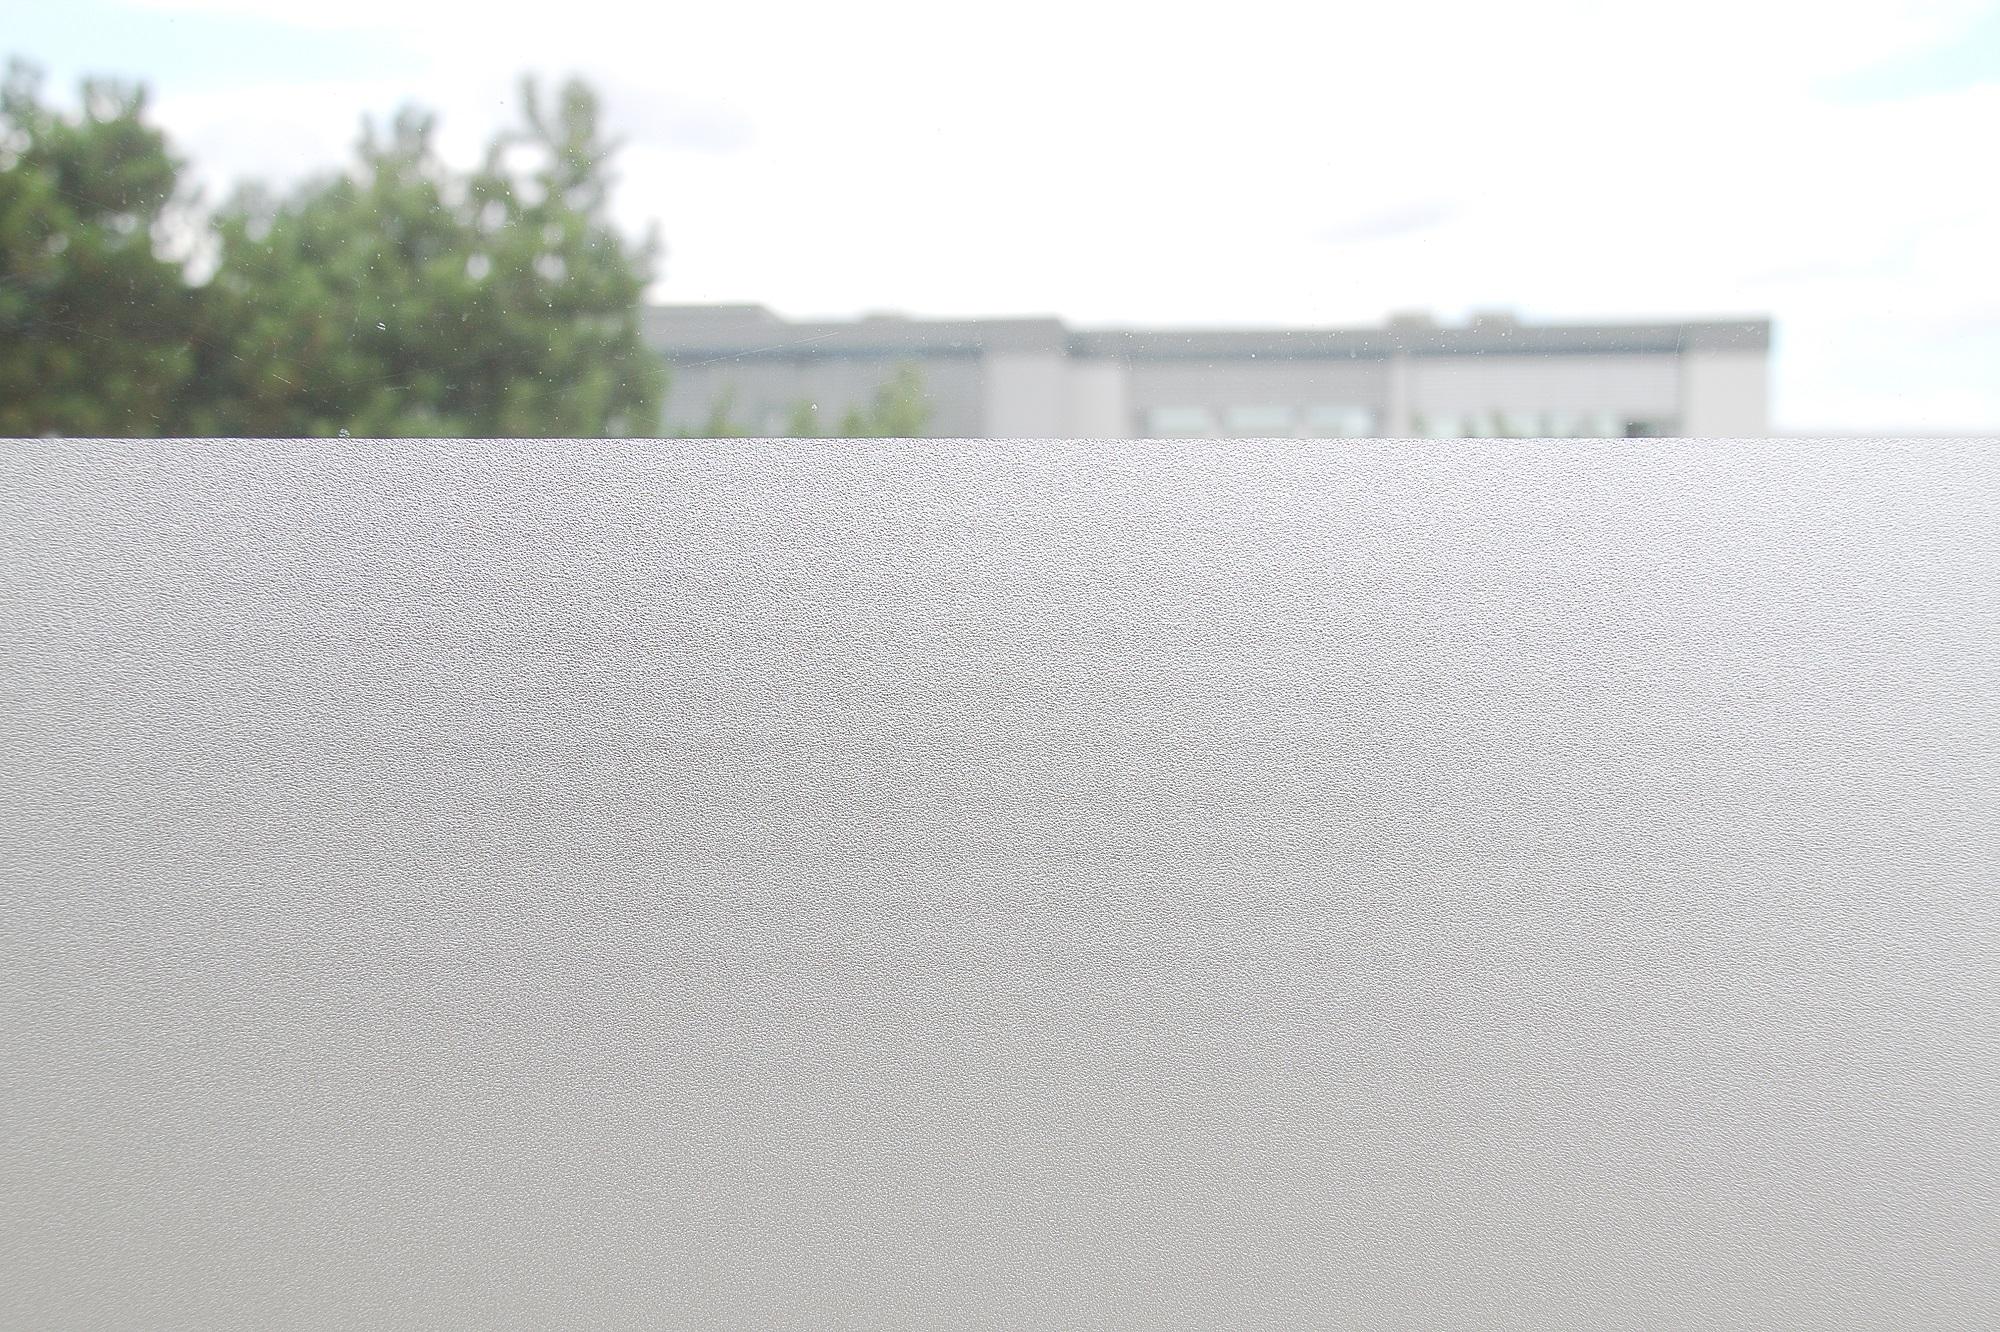 Statische fensterfolie sichtschutz sonnenschutz breite 60 90 152cm l nge bis 20m ebay - Statische fensterfolie anbringen ...